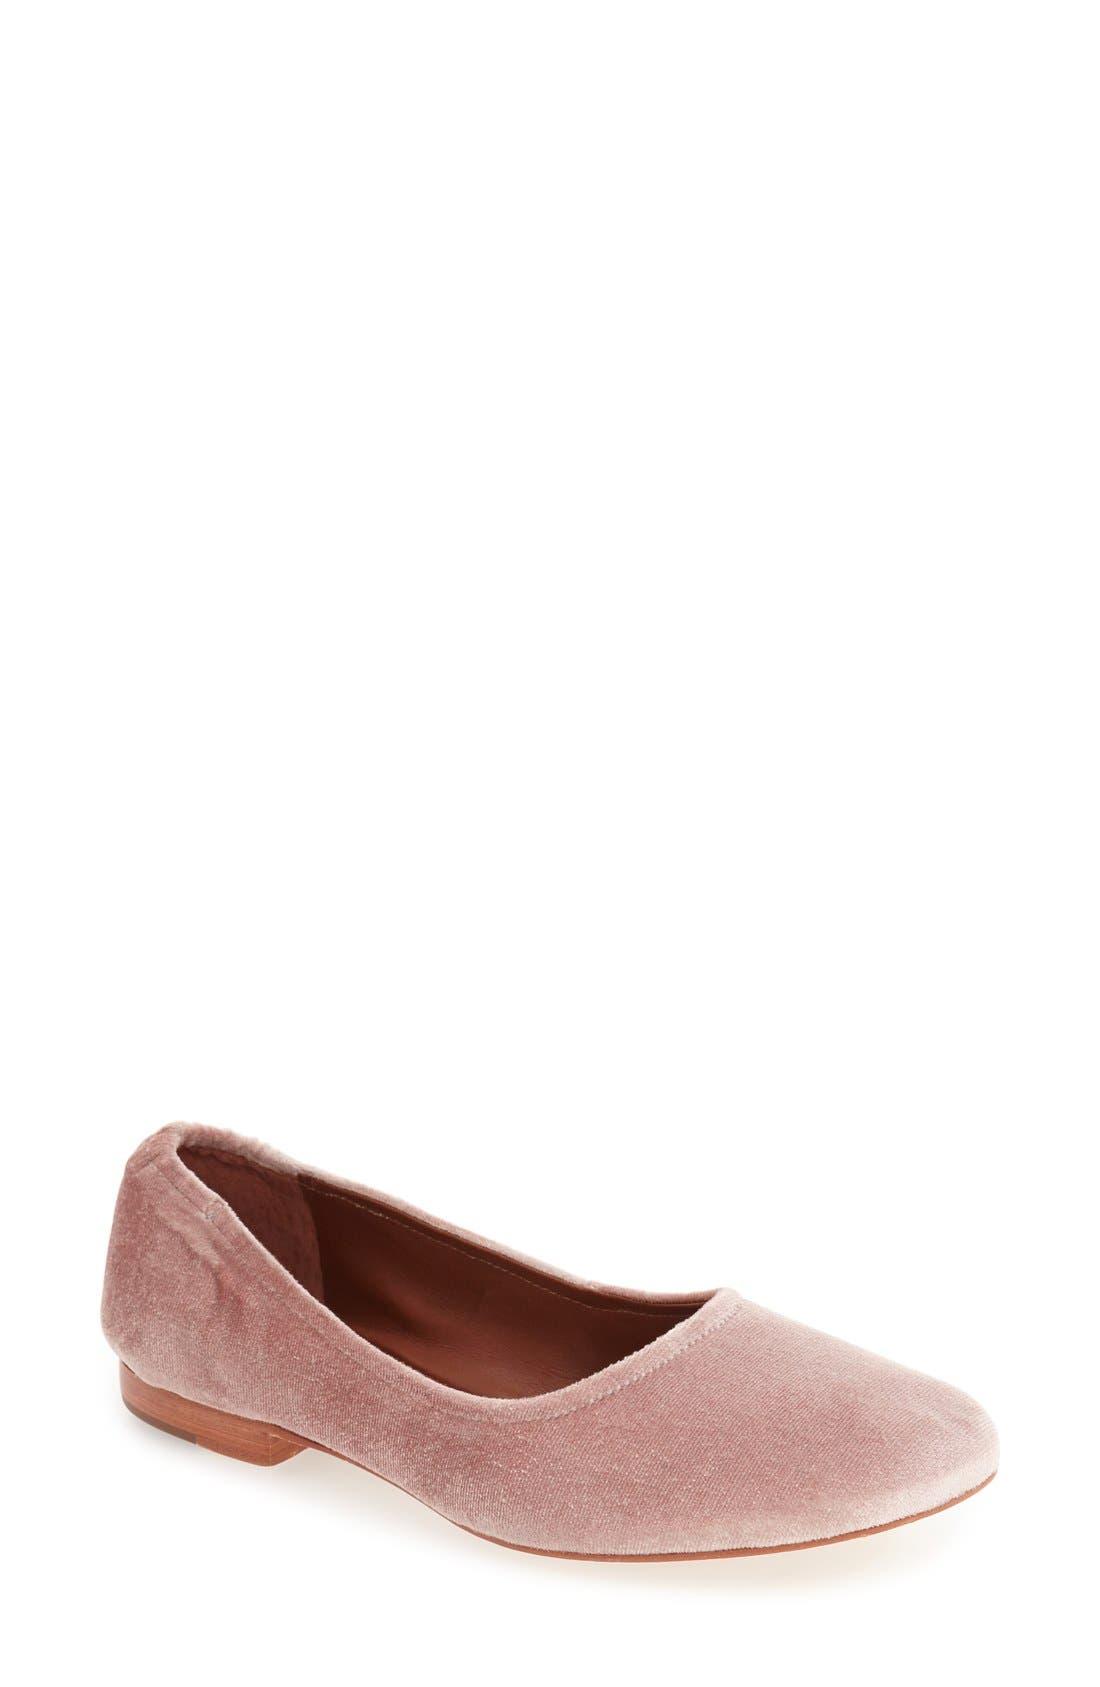 Bernardo Dina Ballet Flat,                             Main thumbnail 5, color,